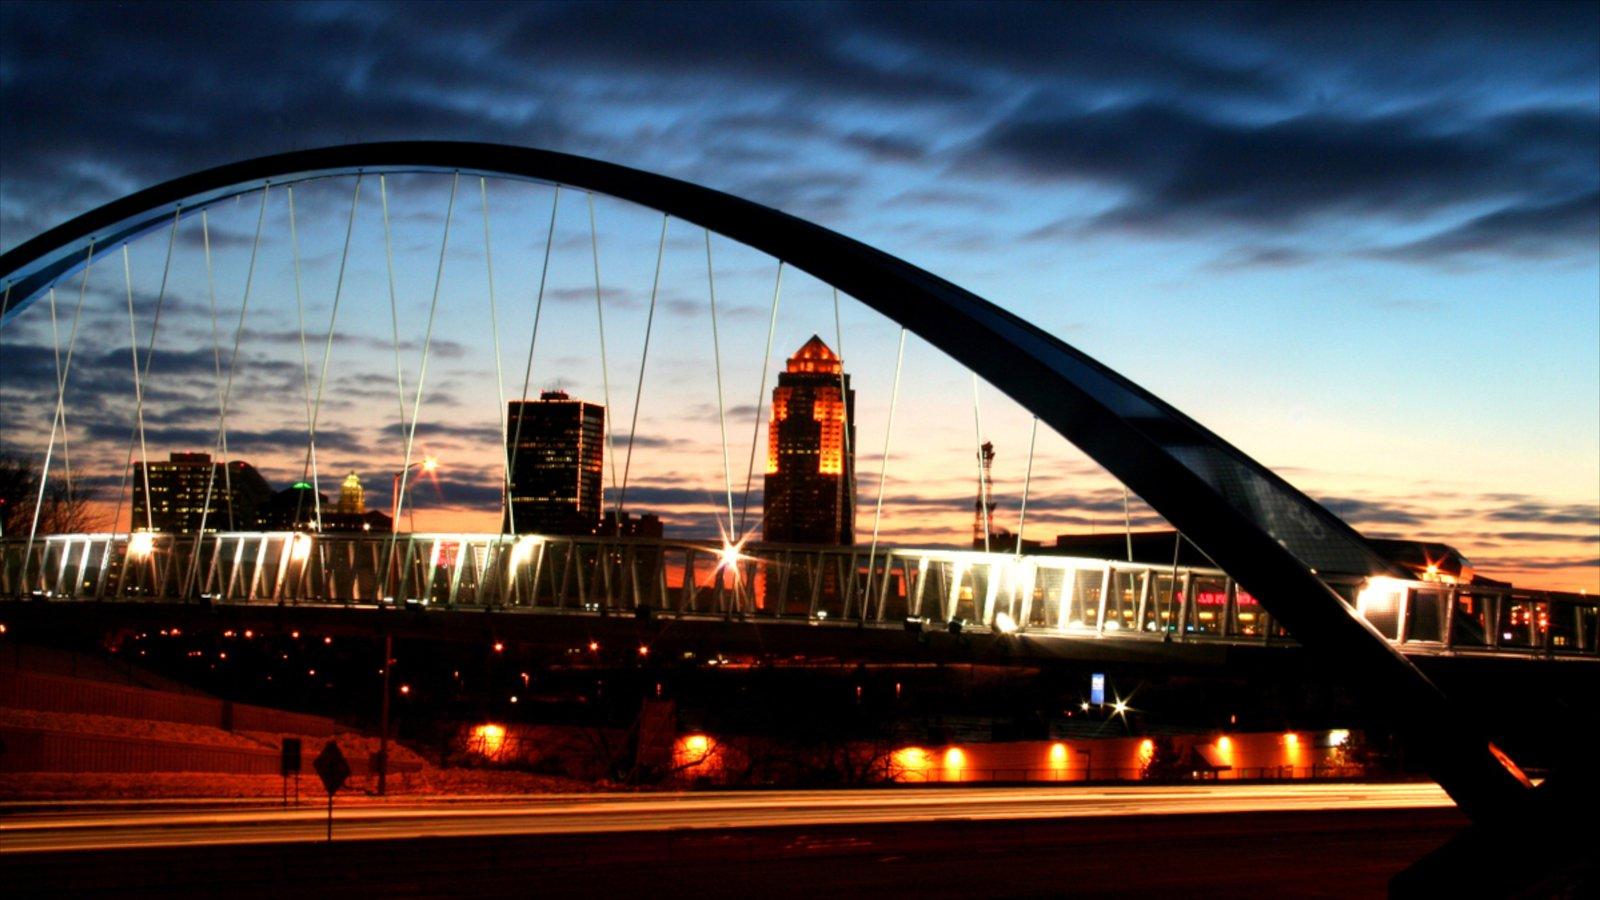 Des Moines que incluye una ciudad, una puesta de sol y arquitectura moderna